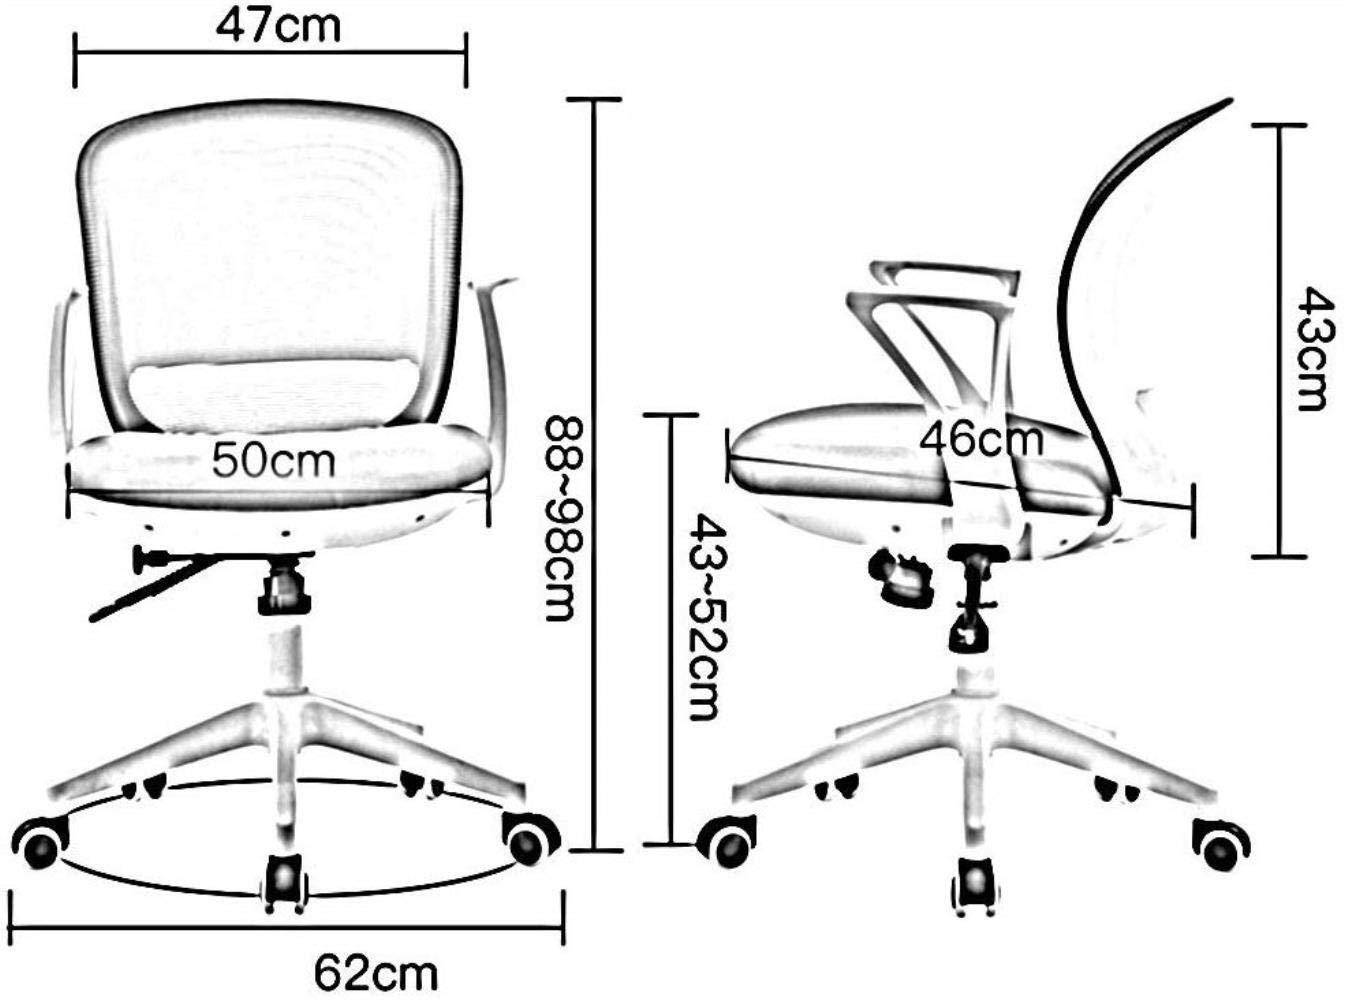 Barstolar Xiuyun kontorsstol spelstol svängbar stol, sömnad färg nät gasväv datorstol, ergonomisk lyftstol, skrivbord skrivstol, personalstol, sovsal stol (färg: A) F